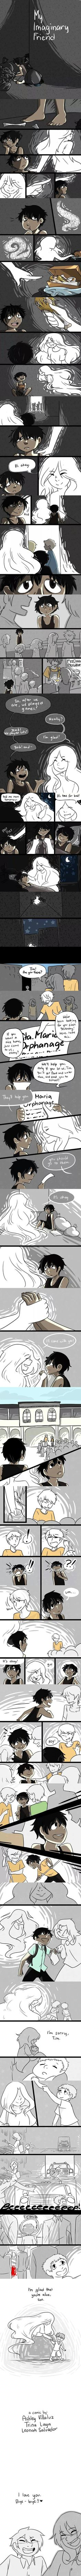 The Imaginary Friend (Right in the Kokoro)